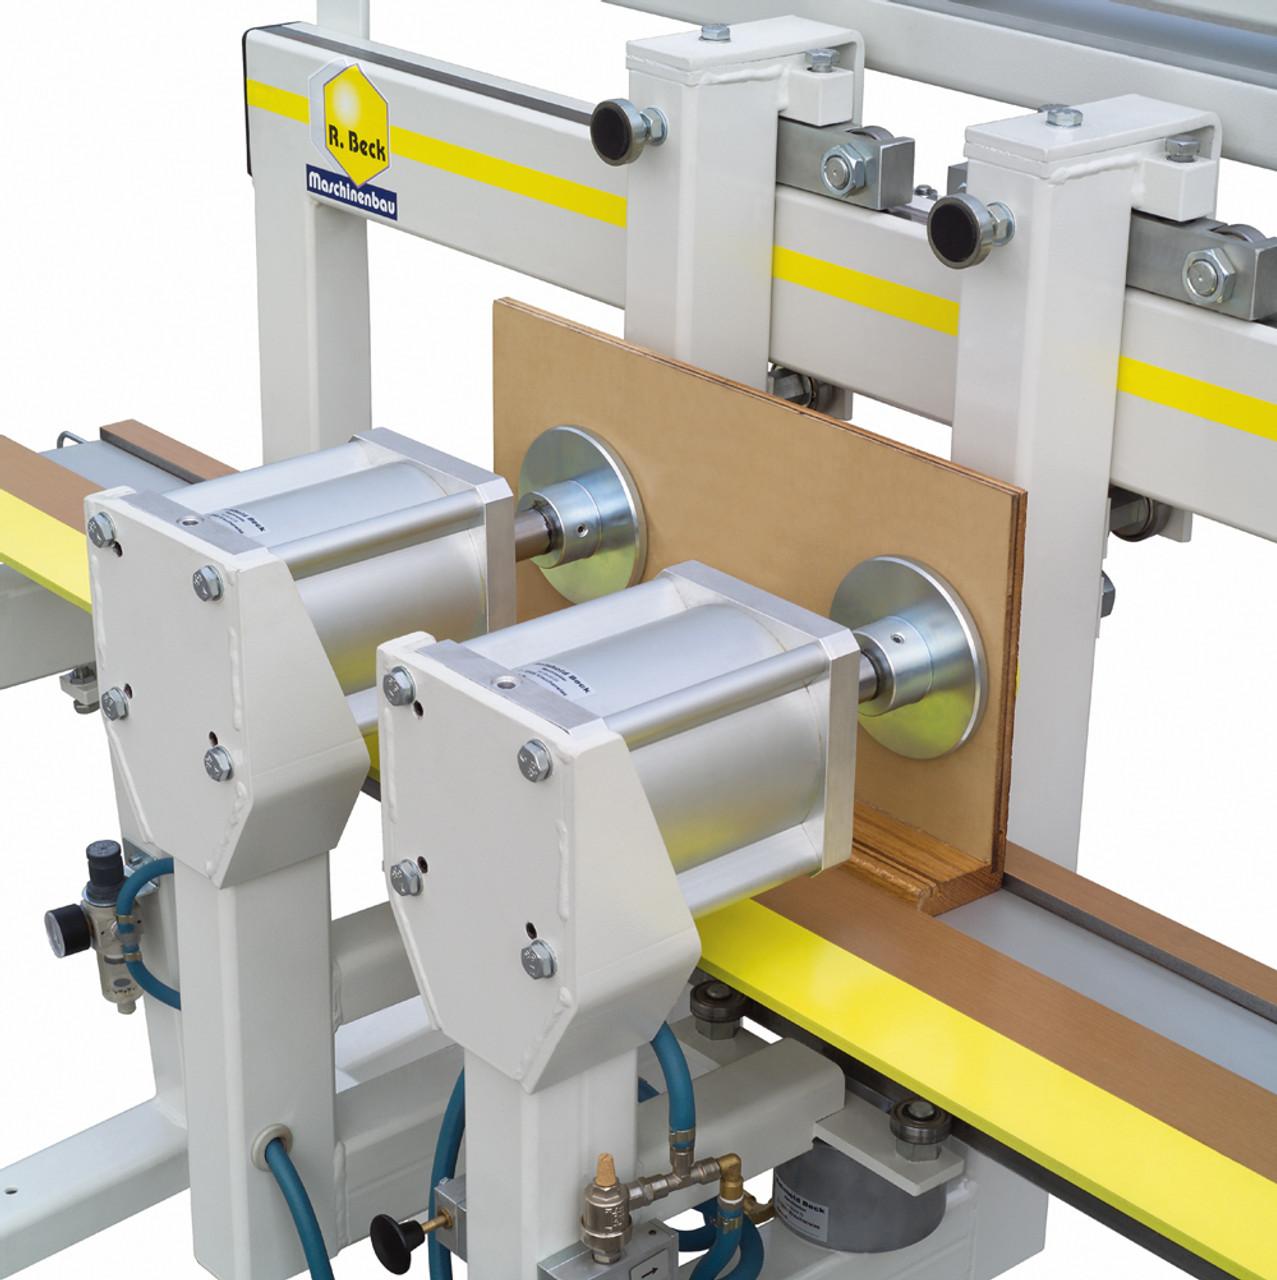 BE2500100-Hoffmann-MOBIL2500-Press-detail-view1